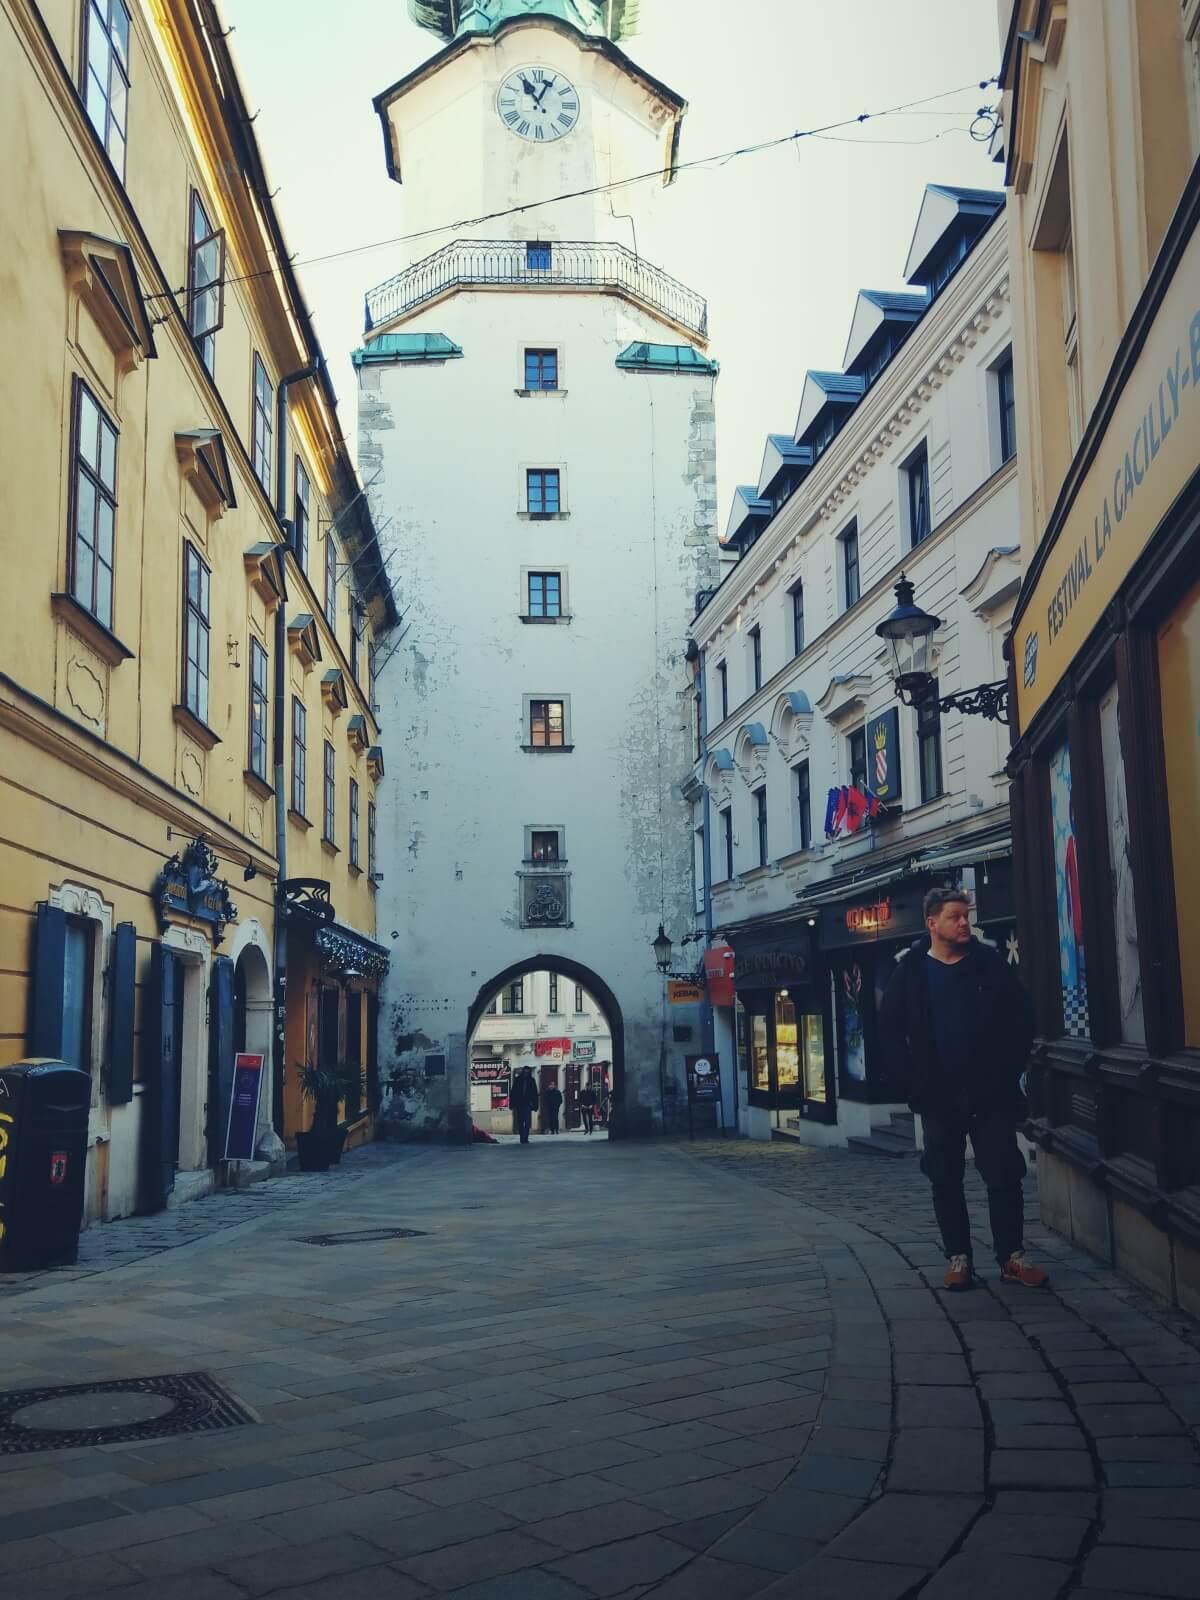 Bloger podróżniczy spaceruje uliczkami Bratysławy.